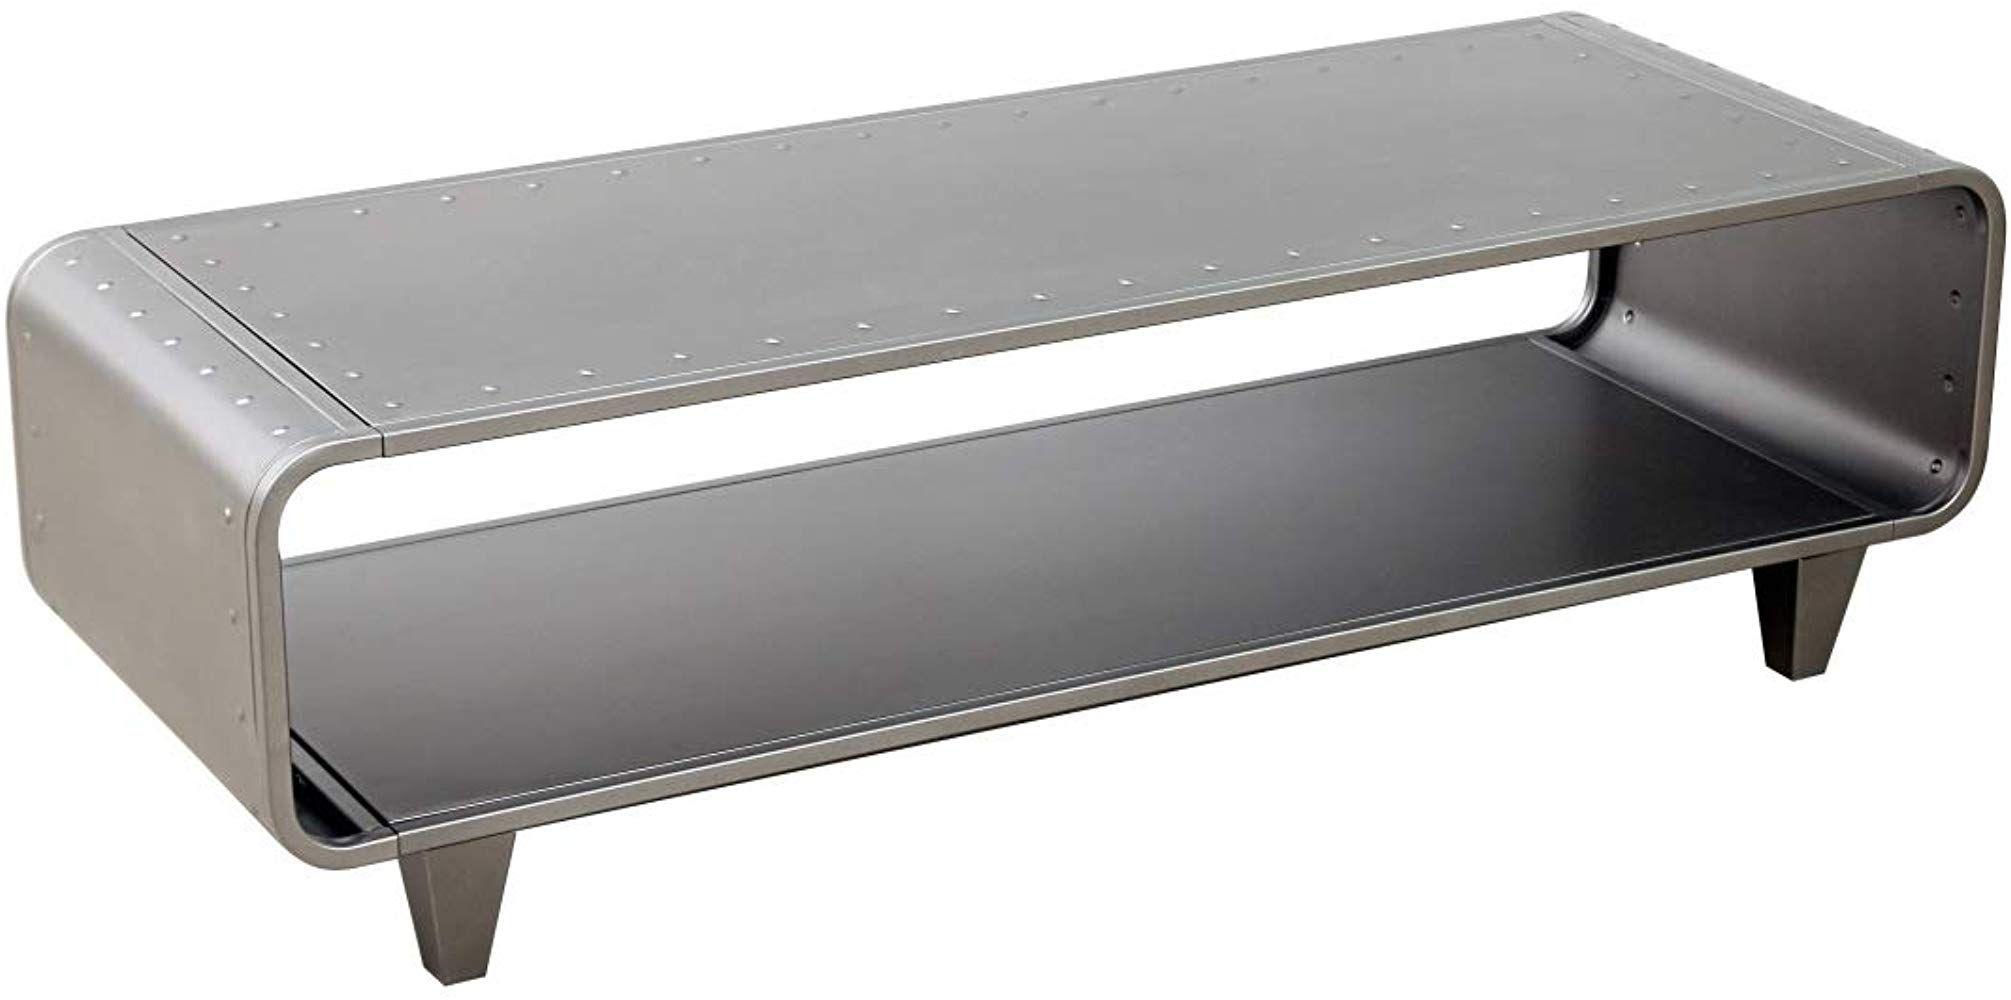 Dipamkar Tv Schrank Tv Lowboard Tv Mobel Stander Schrank Fernsehtisch Multifunktions Tisch Industrie Stil Geburstet Metall Tv Mobel Fernsehtisch Tv Schrank